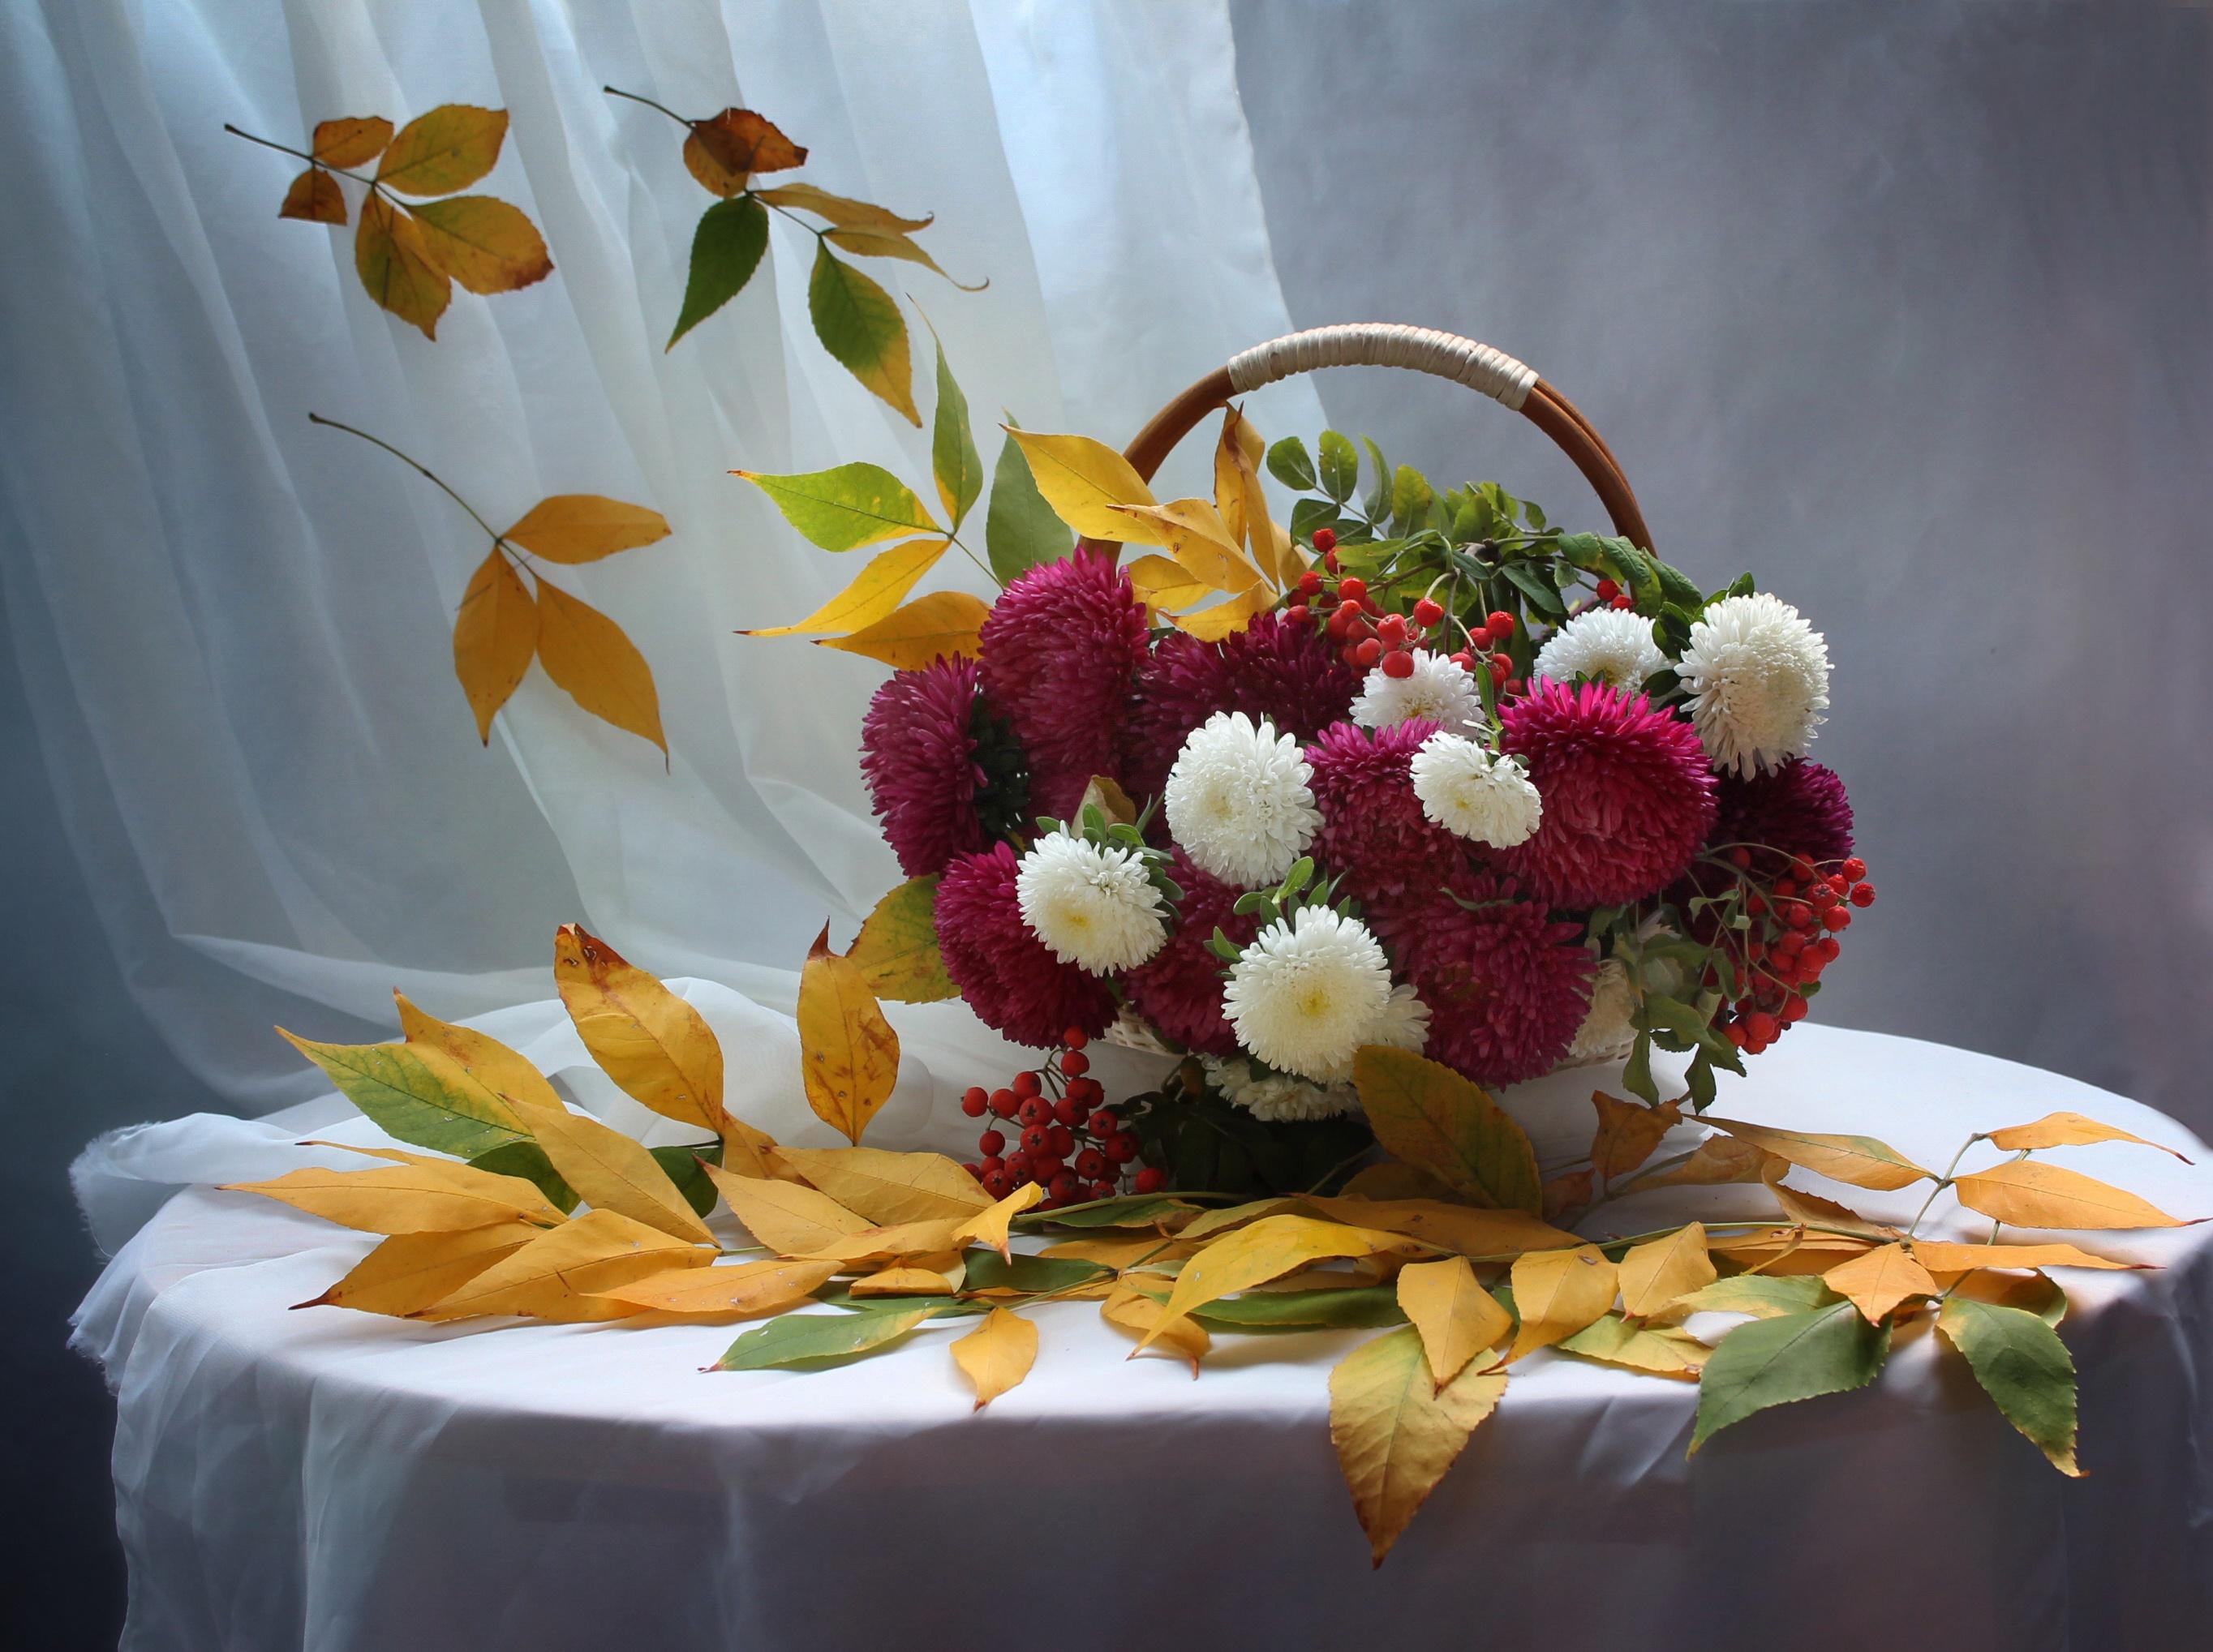 Осенние цветы картинки на рабочий стол самые красивые, красивые